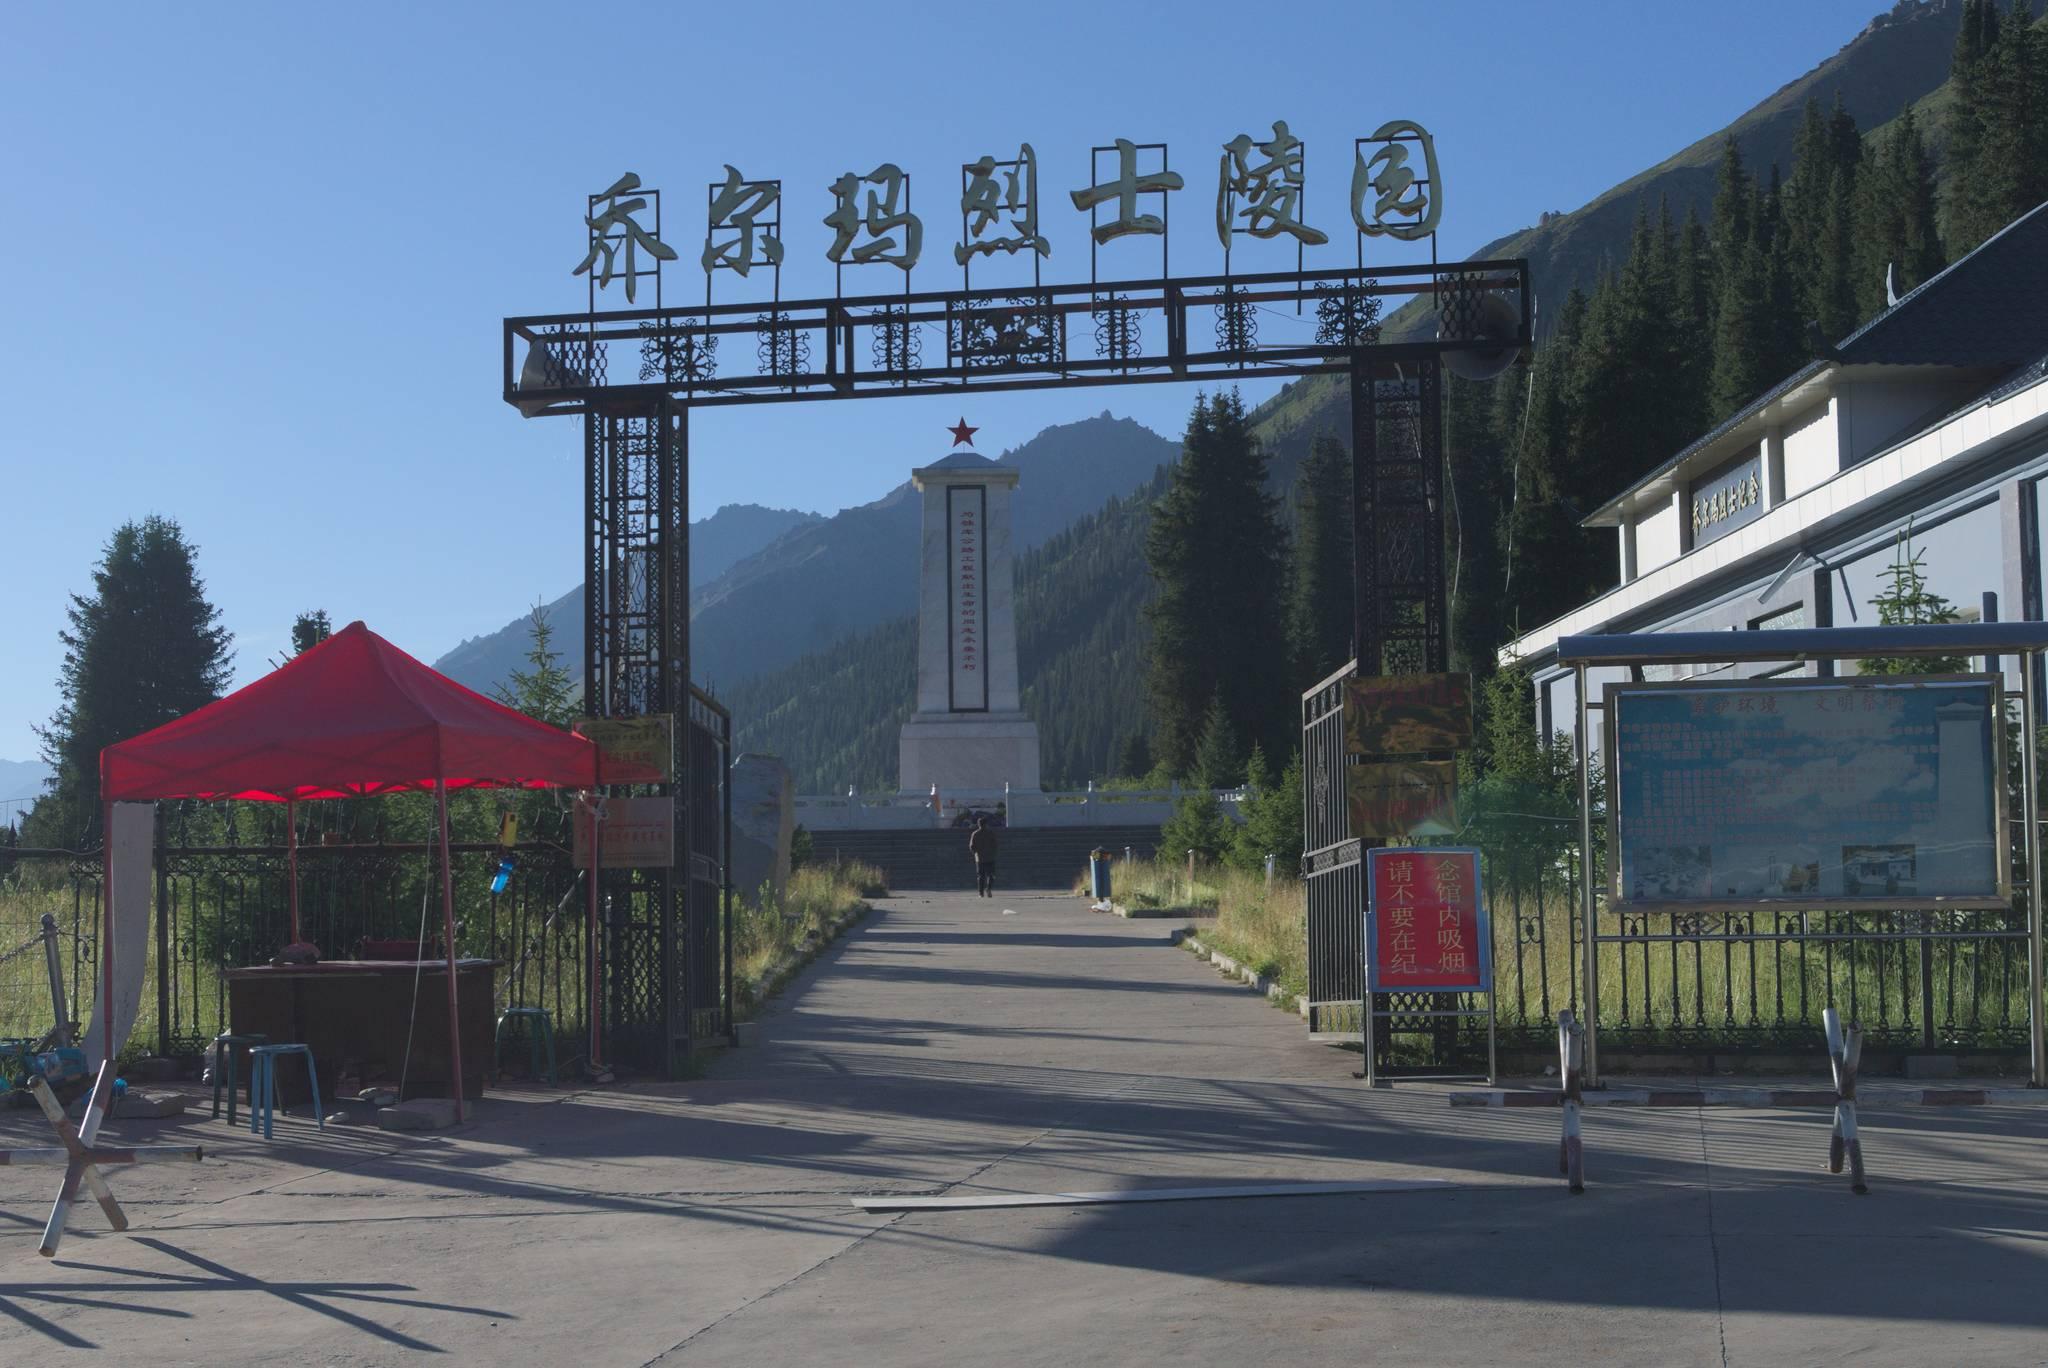 Pomnik poległym przy budowie. Drogę budowała chińska armia za Mao. Jak można się domyśleć, było trochę wypadków.